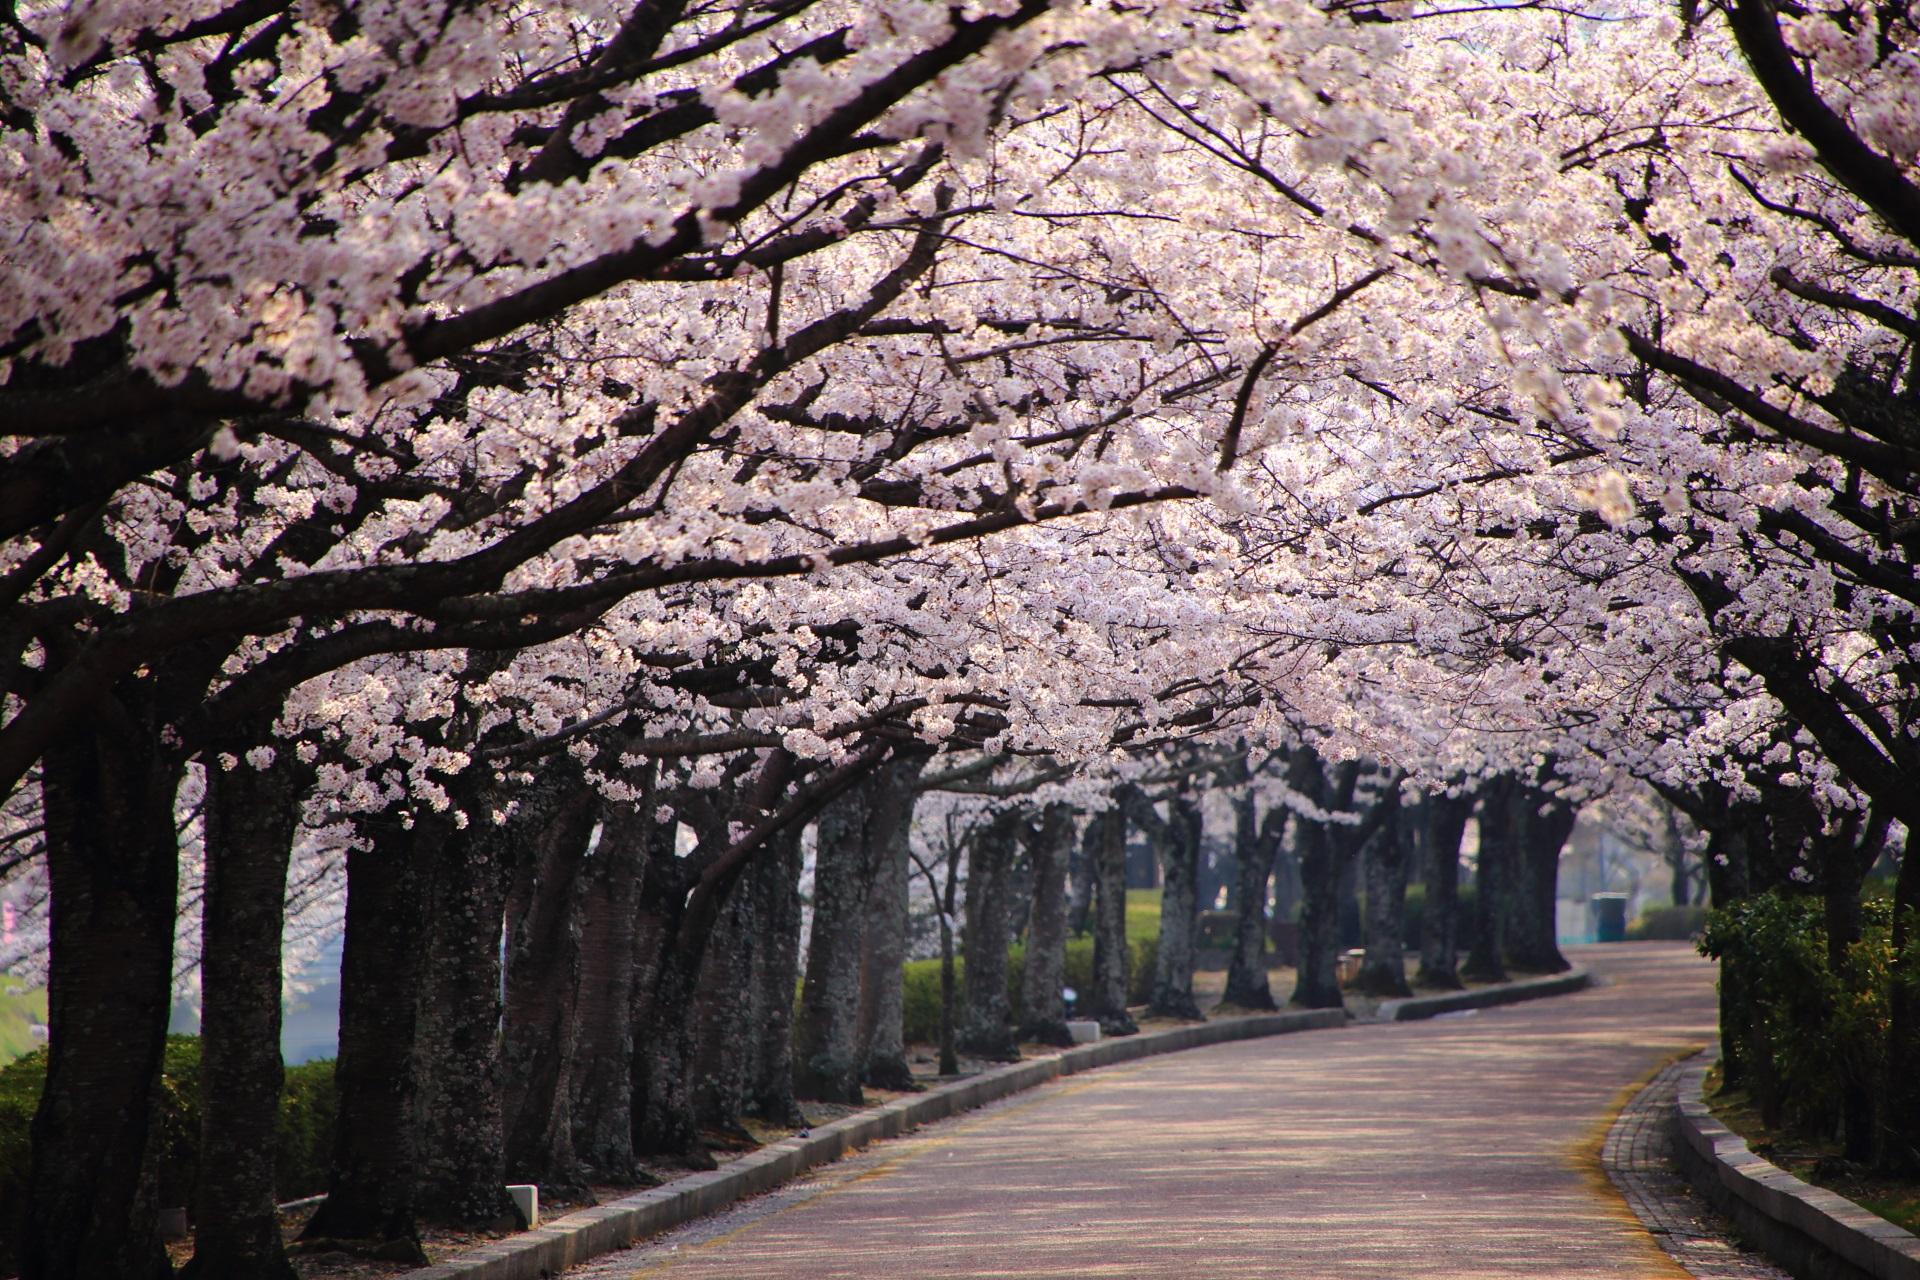 高画質 和らぎの道 桜 画像